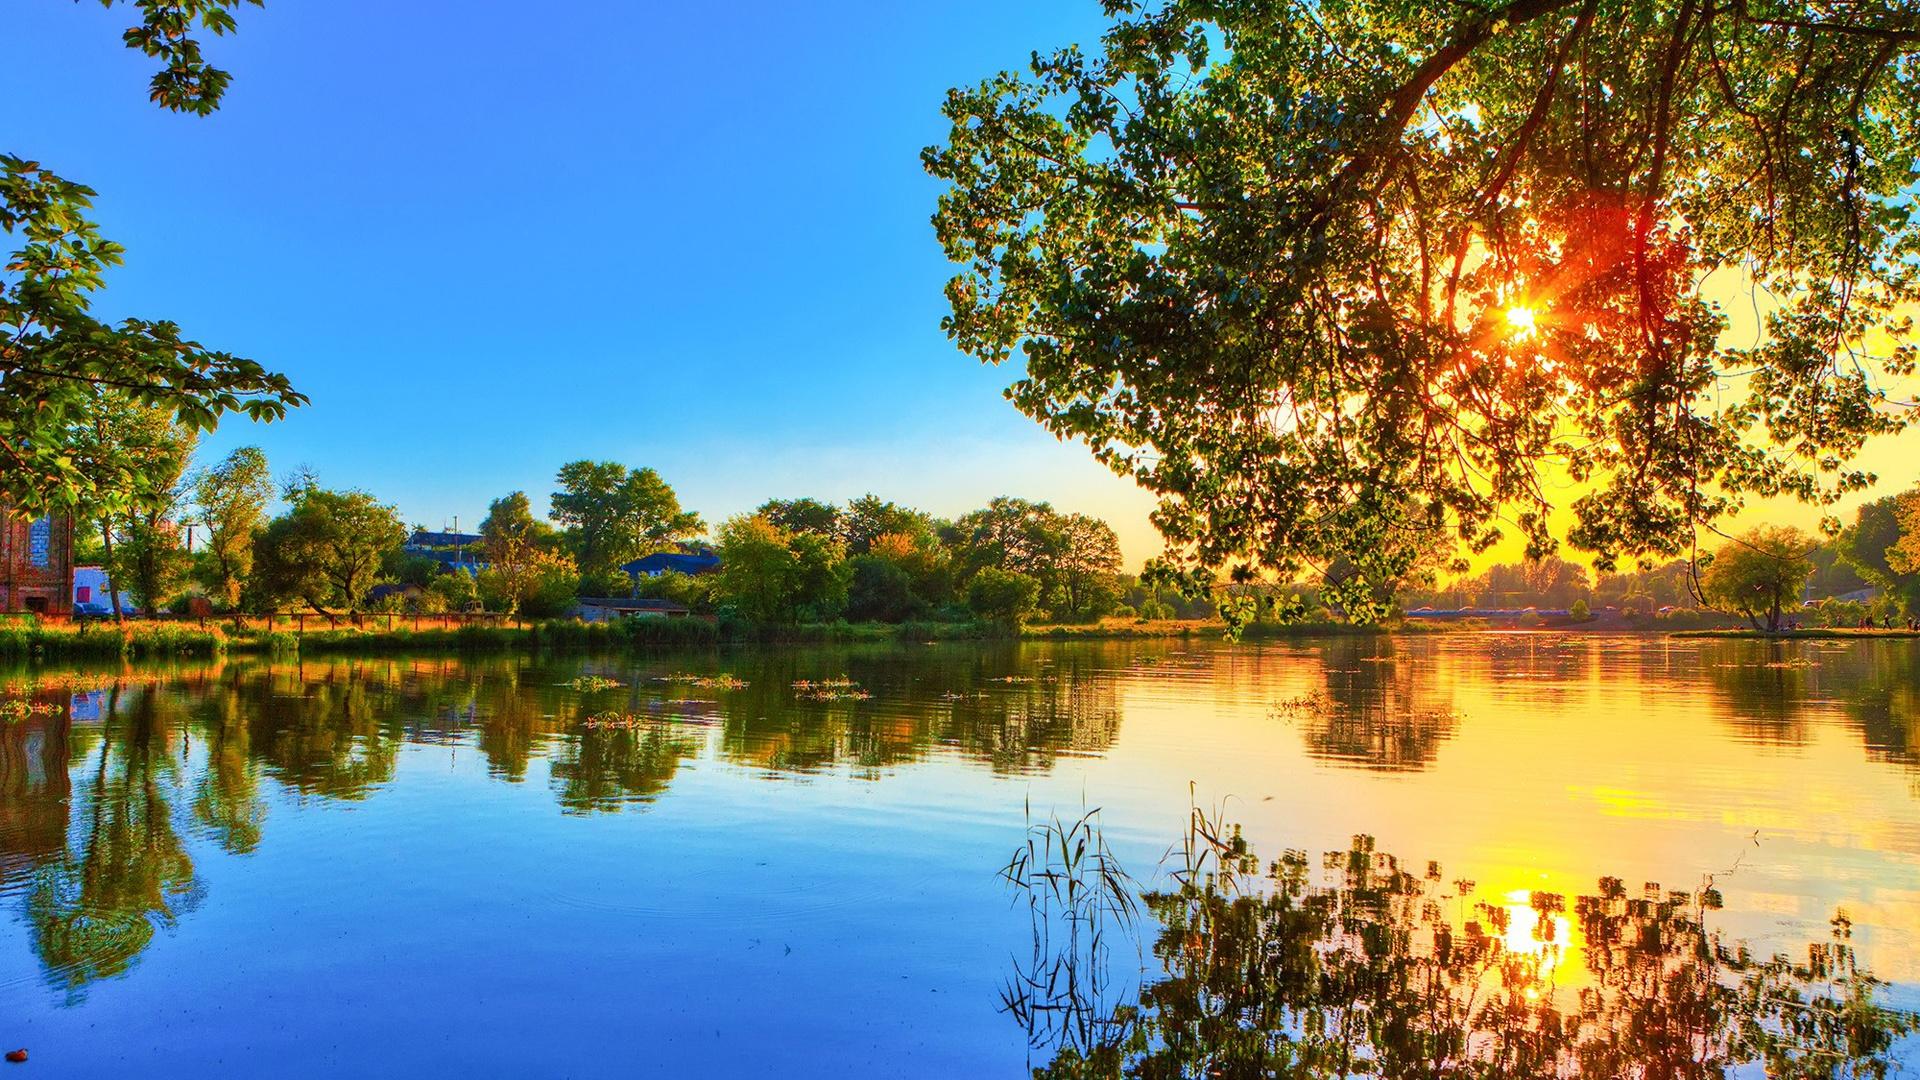 Fonds d'écran Printemps coucher du soleil, réflexion lac d'eau, arbres, soleil, ciel bleu ...